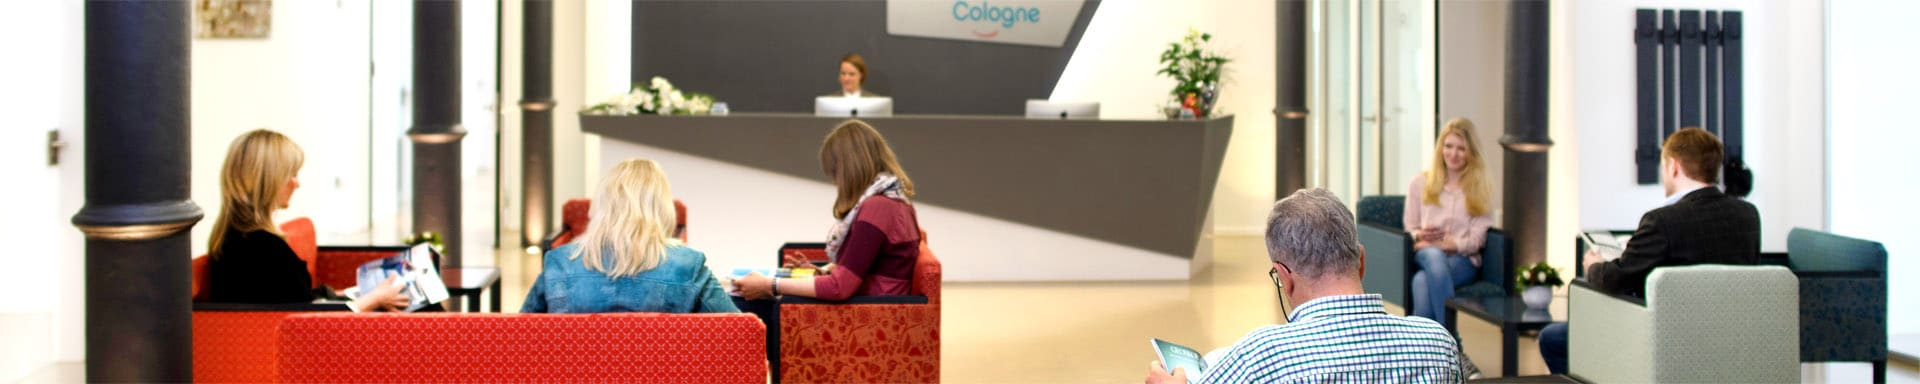 Kontakt topDentis Cologne - Ihre Zahnarztpraxis in Köln